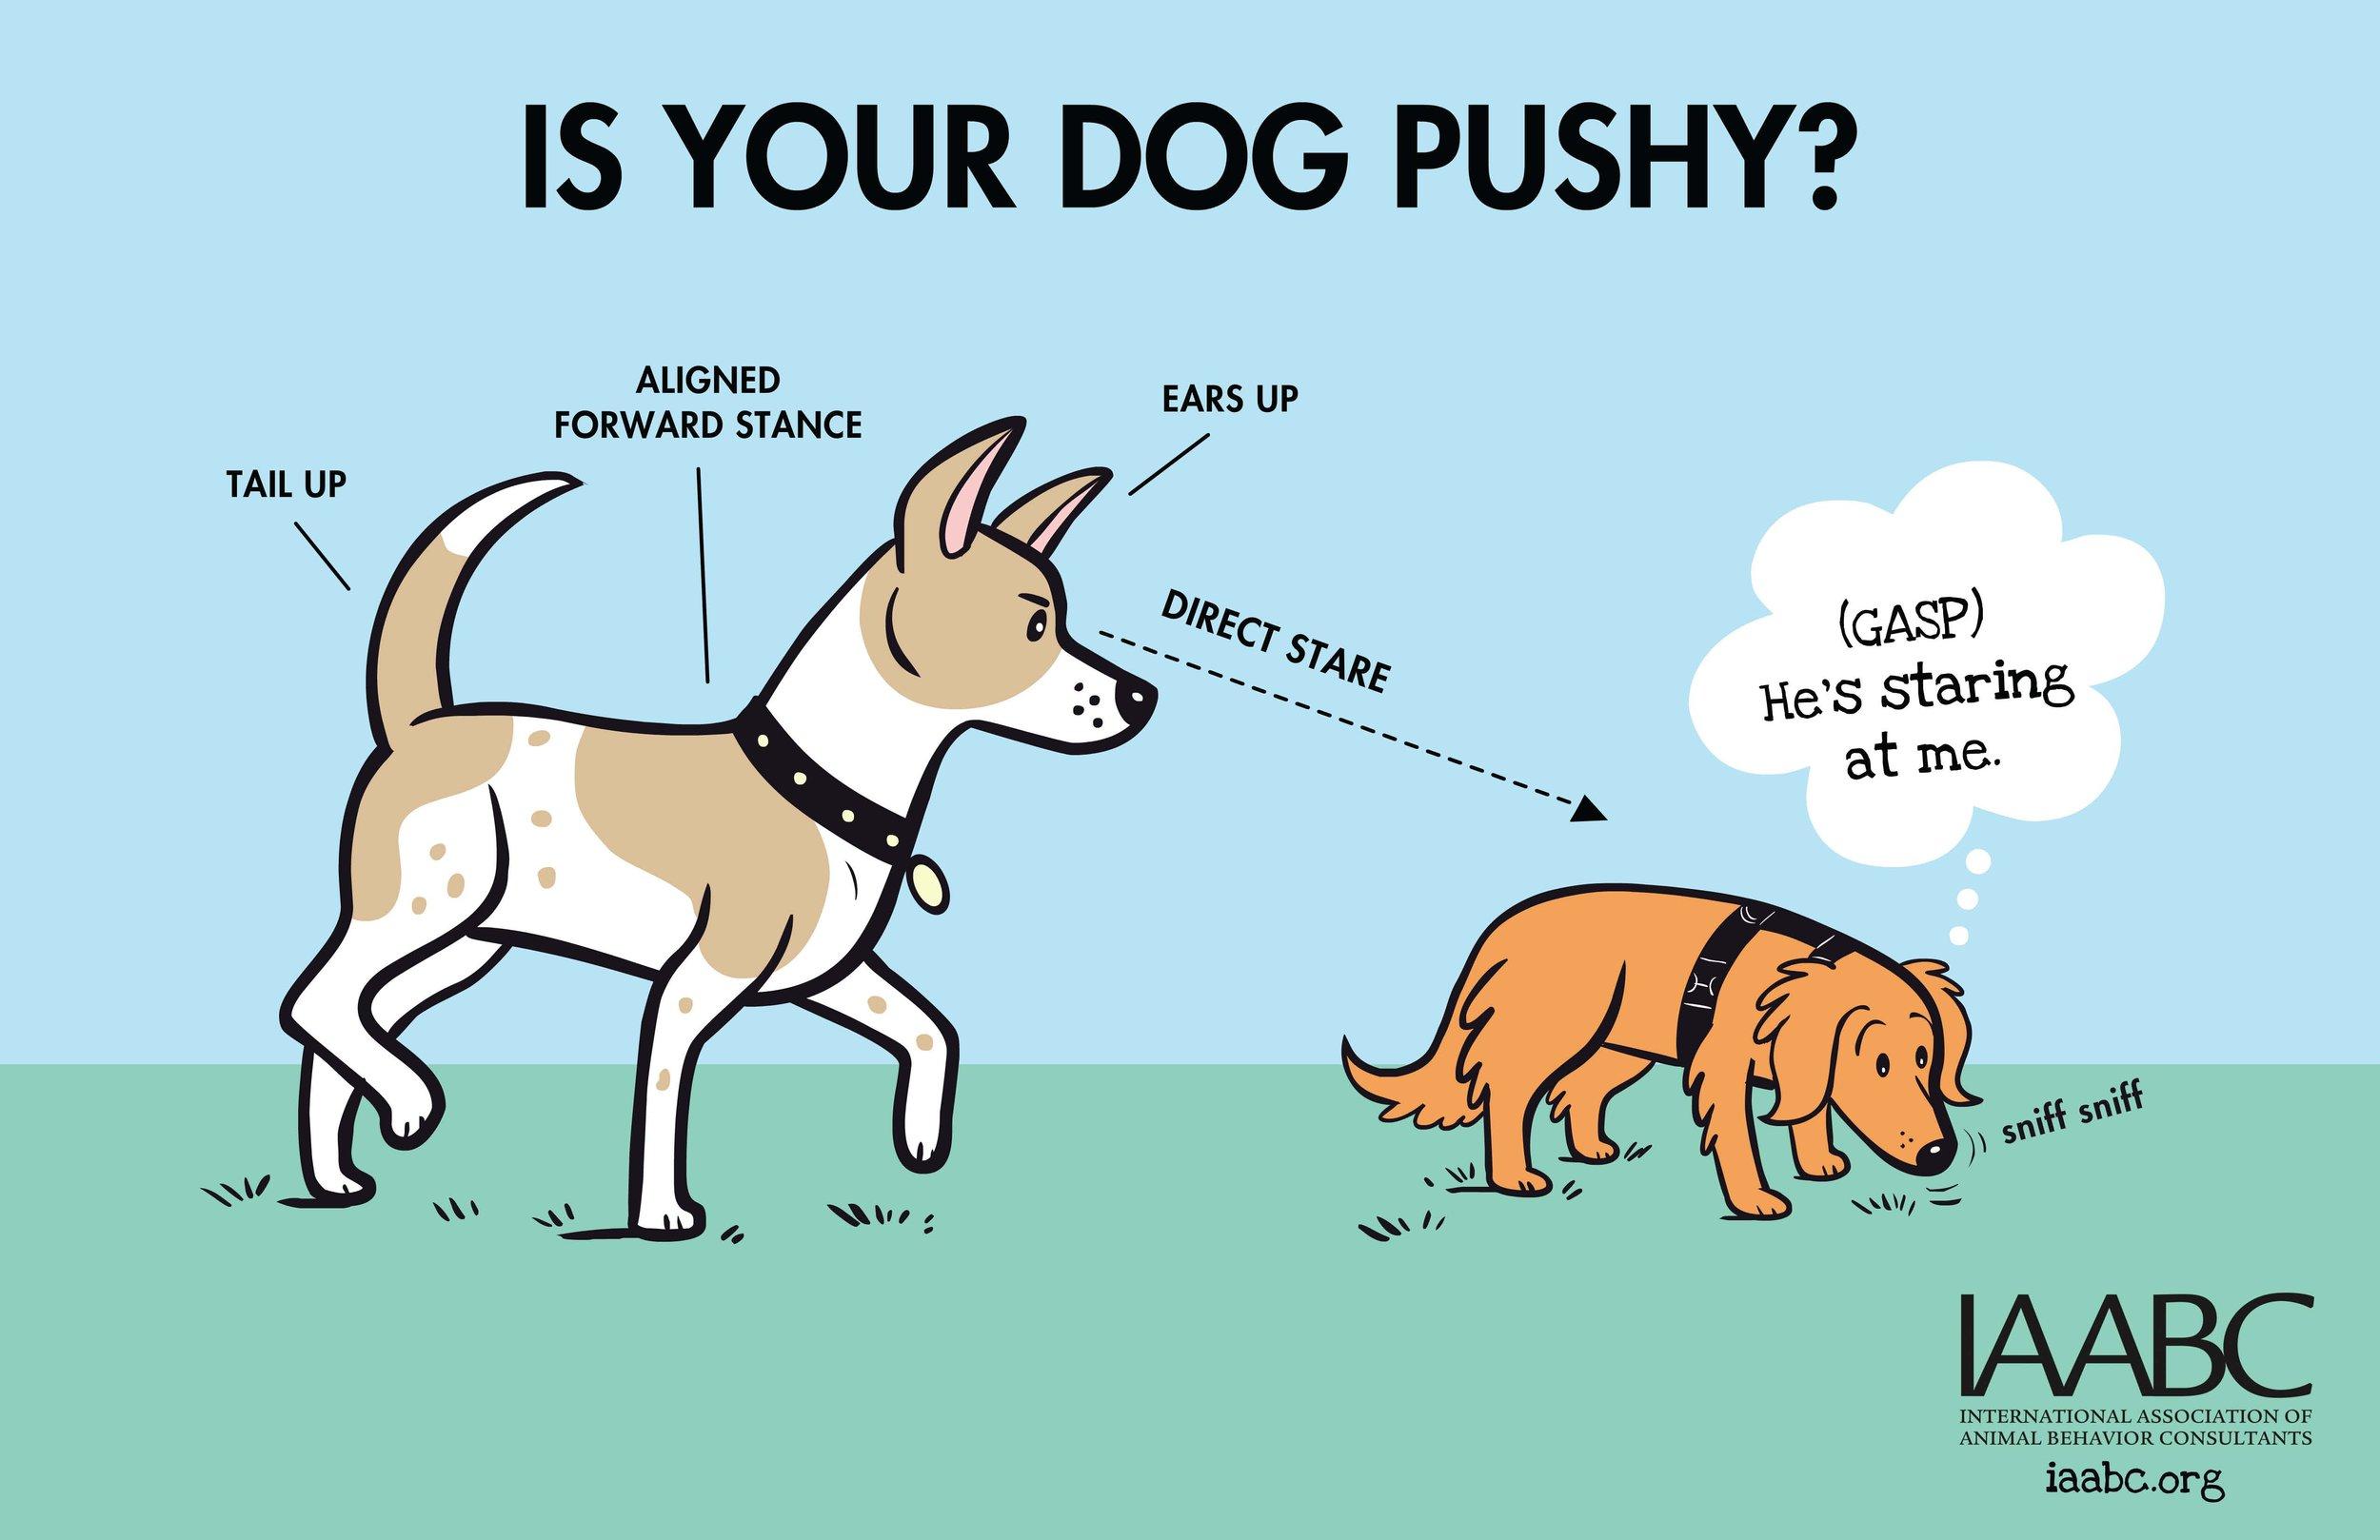 Pushy+Dog+1.jpg